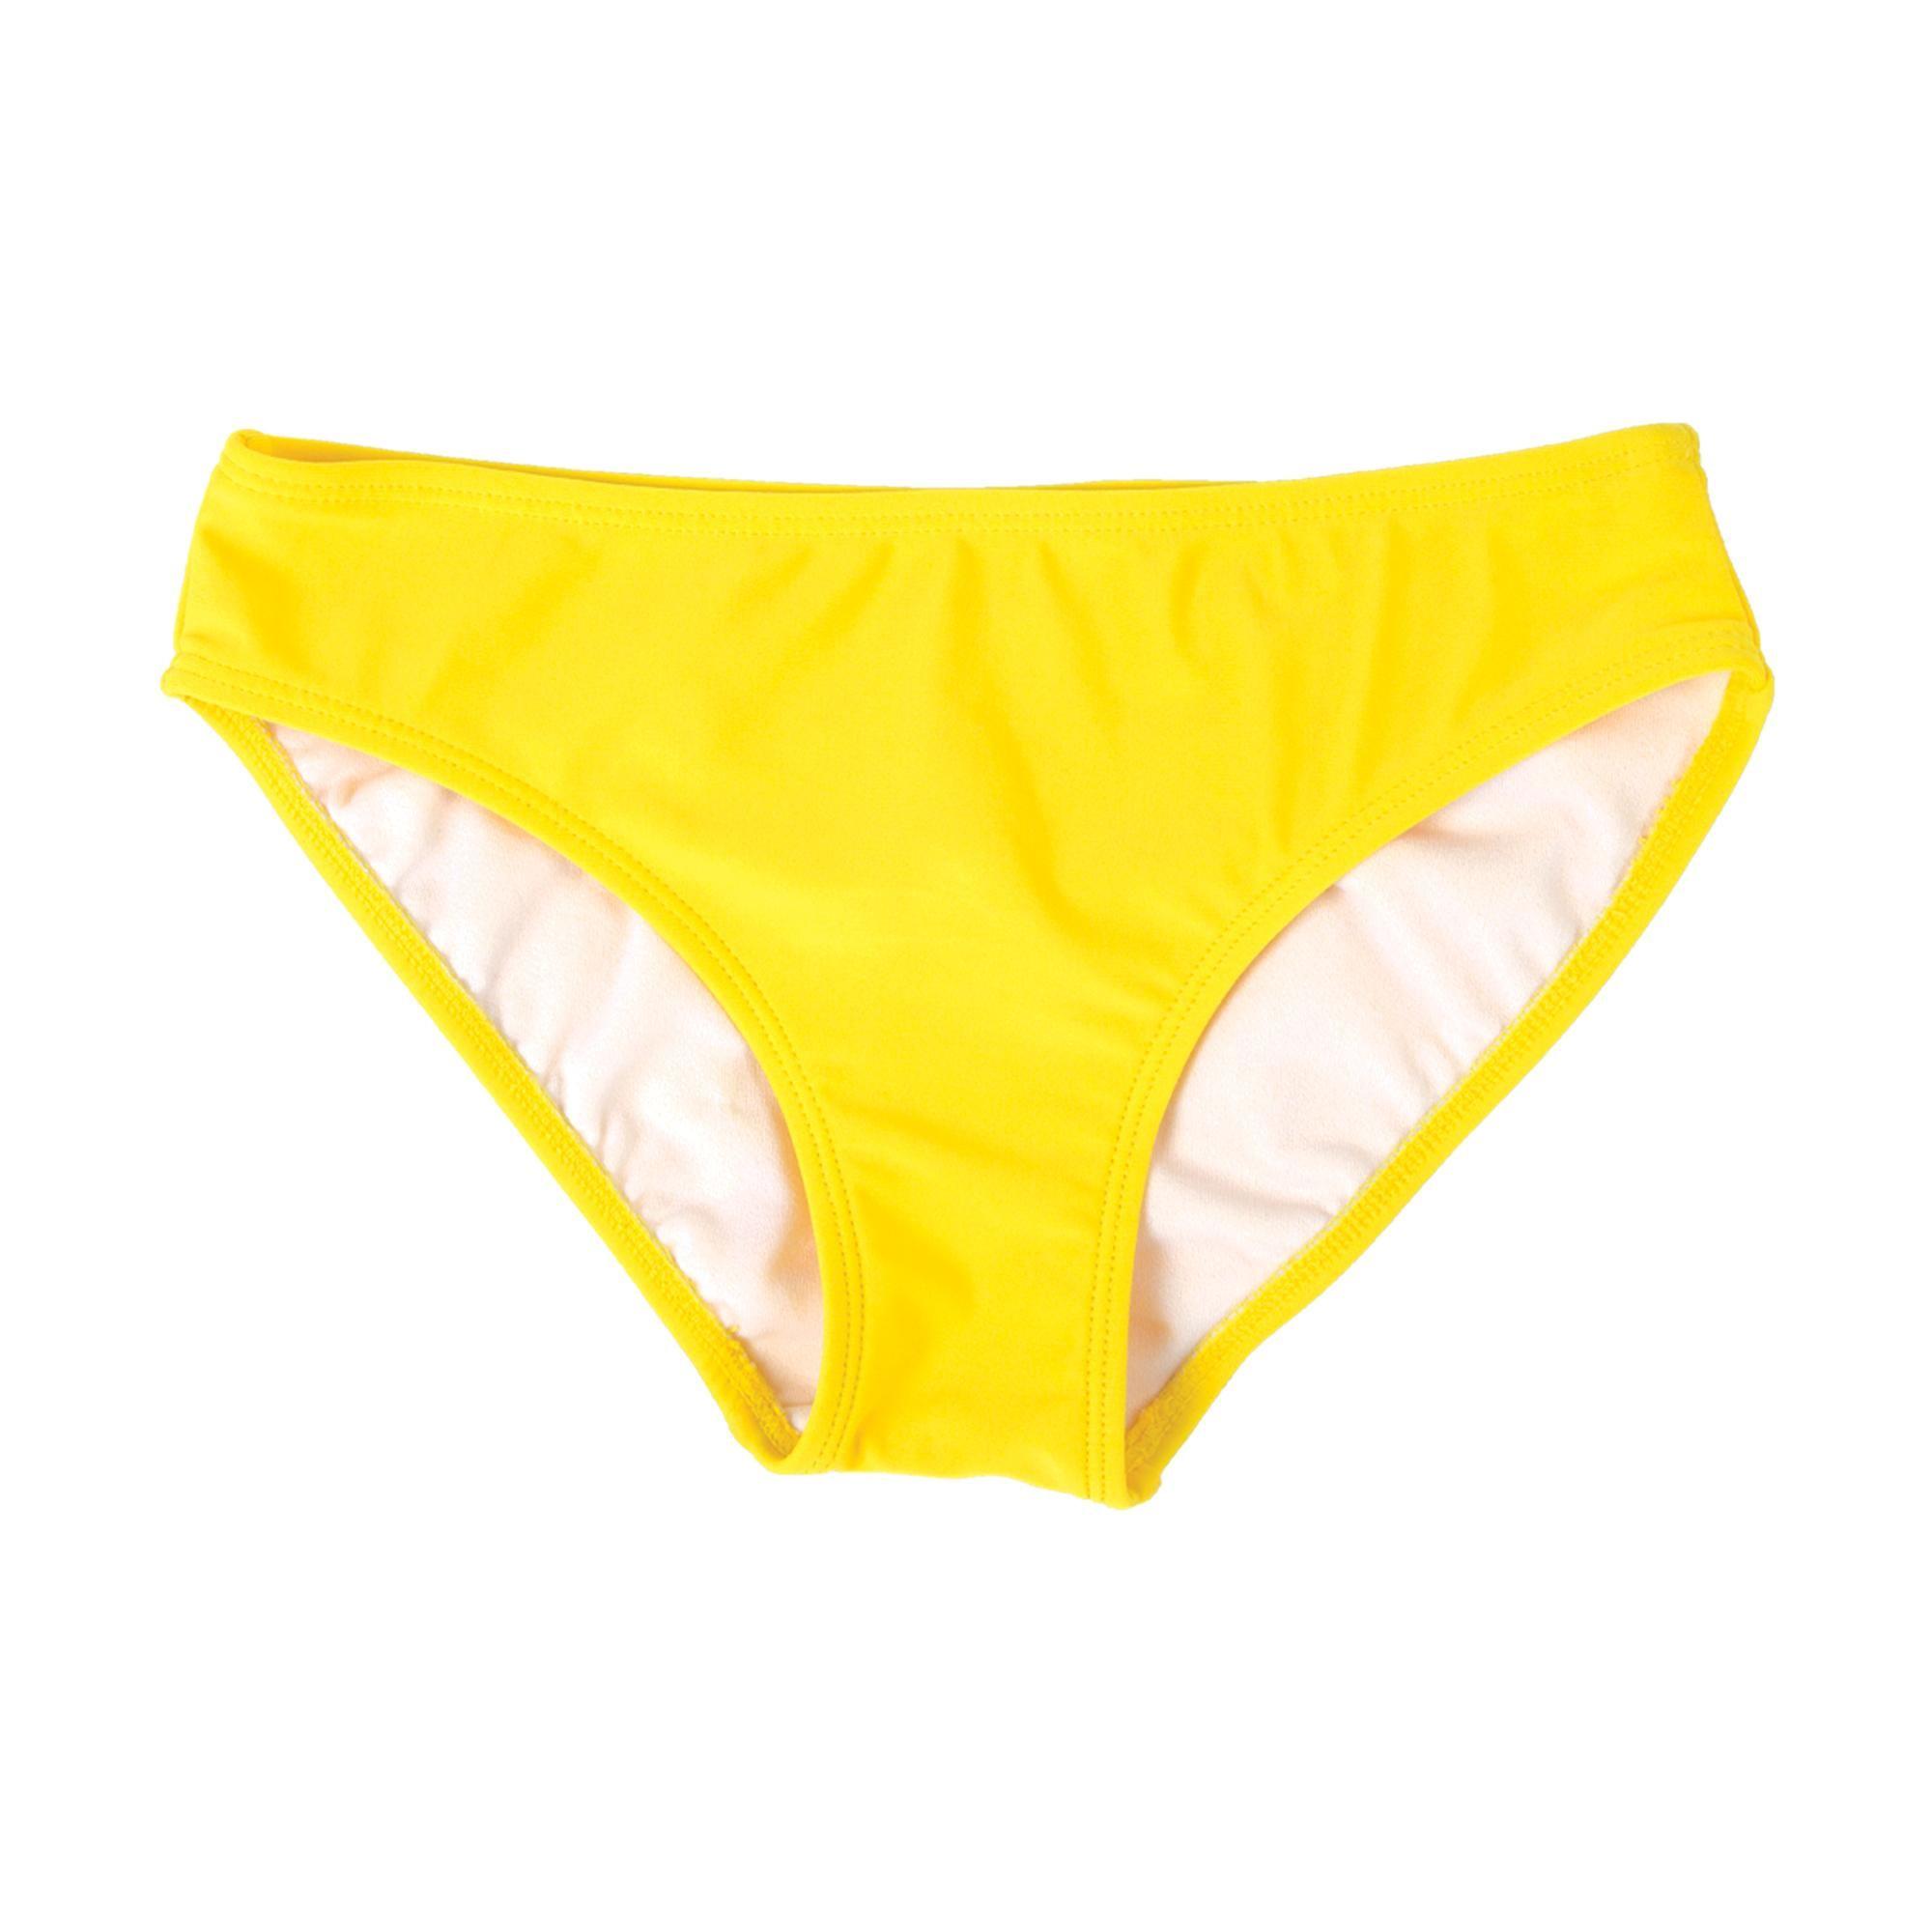 d421fb654de Yellow Bikini Bottom. Tap to expand